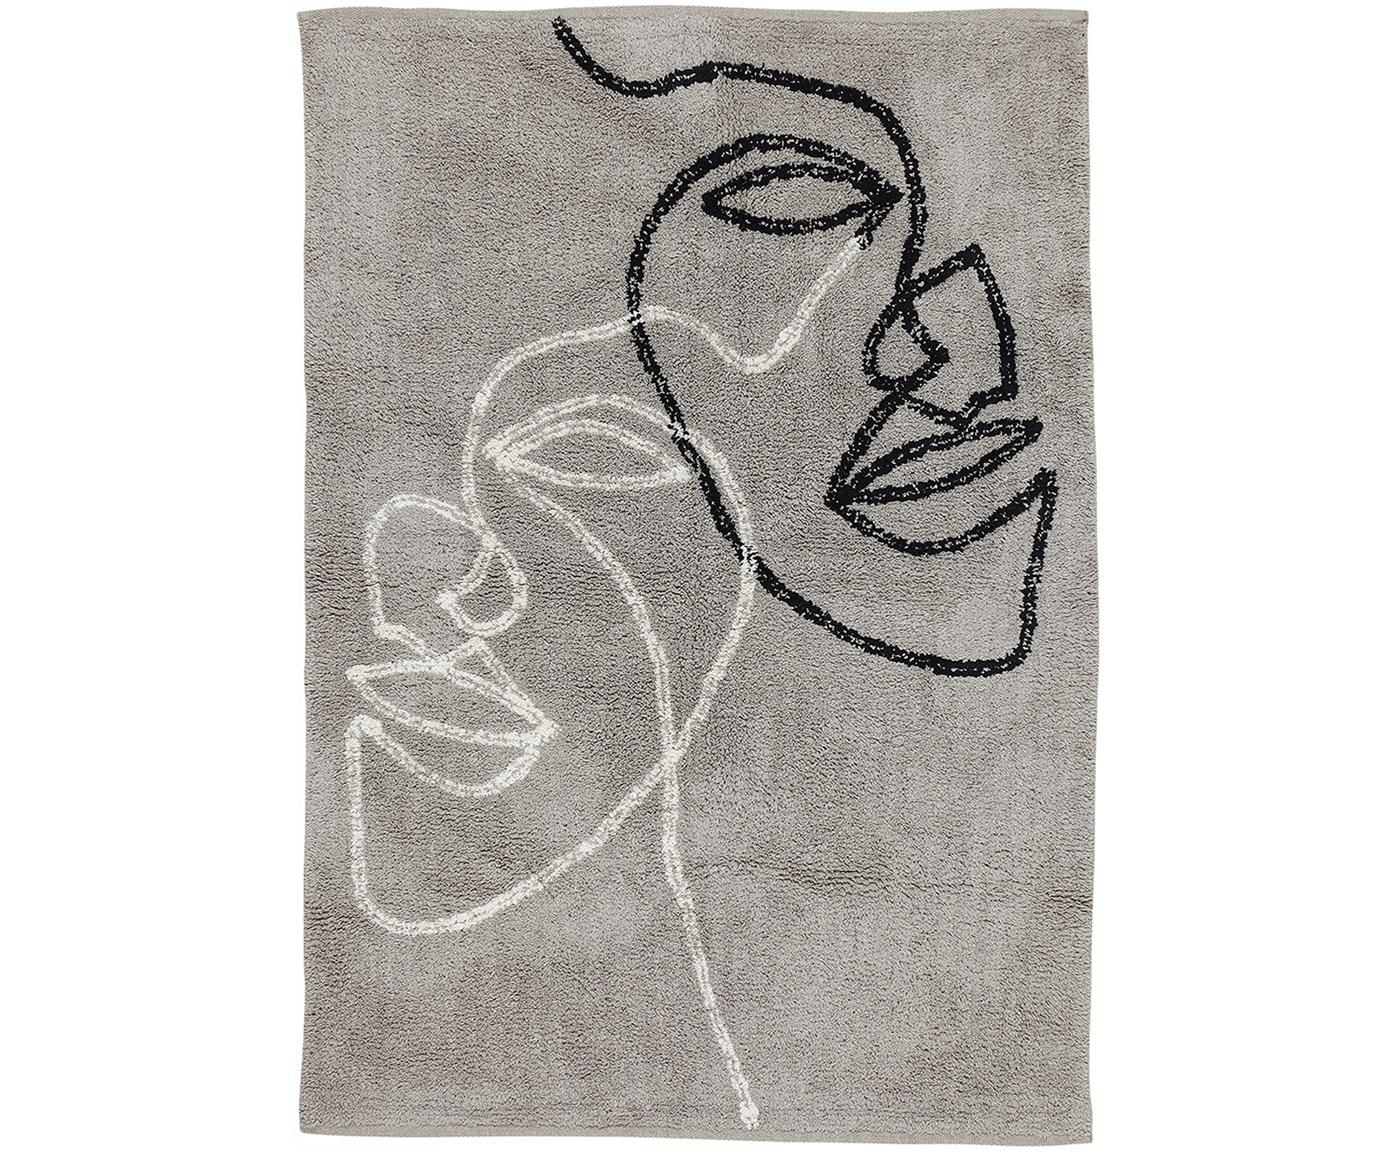 Baumwollteppich Visage mit abstrakter One Line Zeichnung, 100% Bio-Baumwolle, Grau, Schwarz, Weiss, B 90 x L 120 cm (Grösse XS)